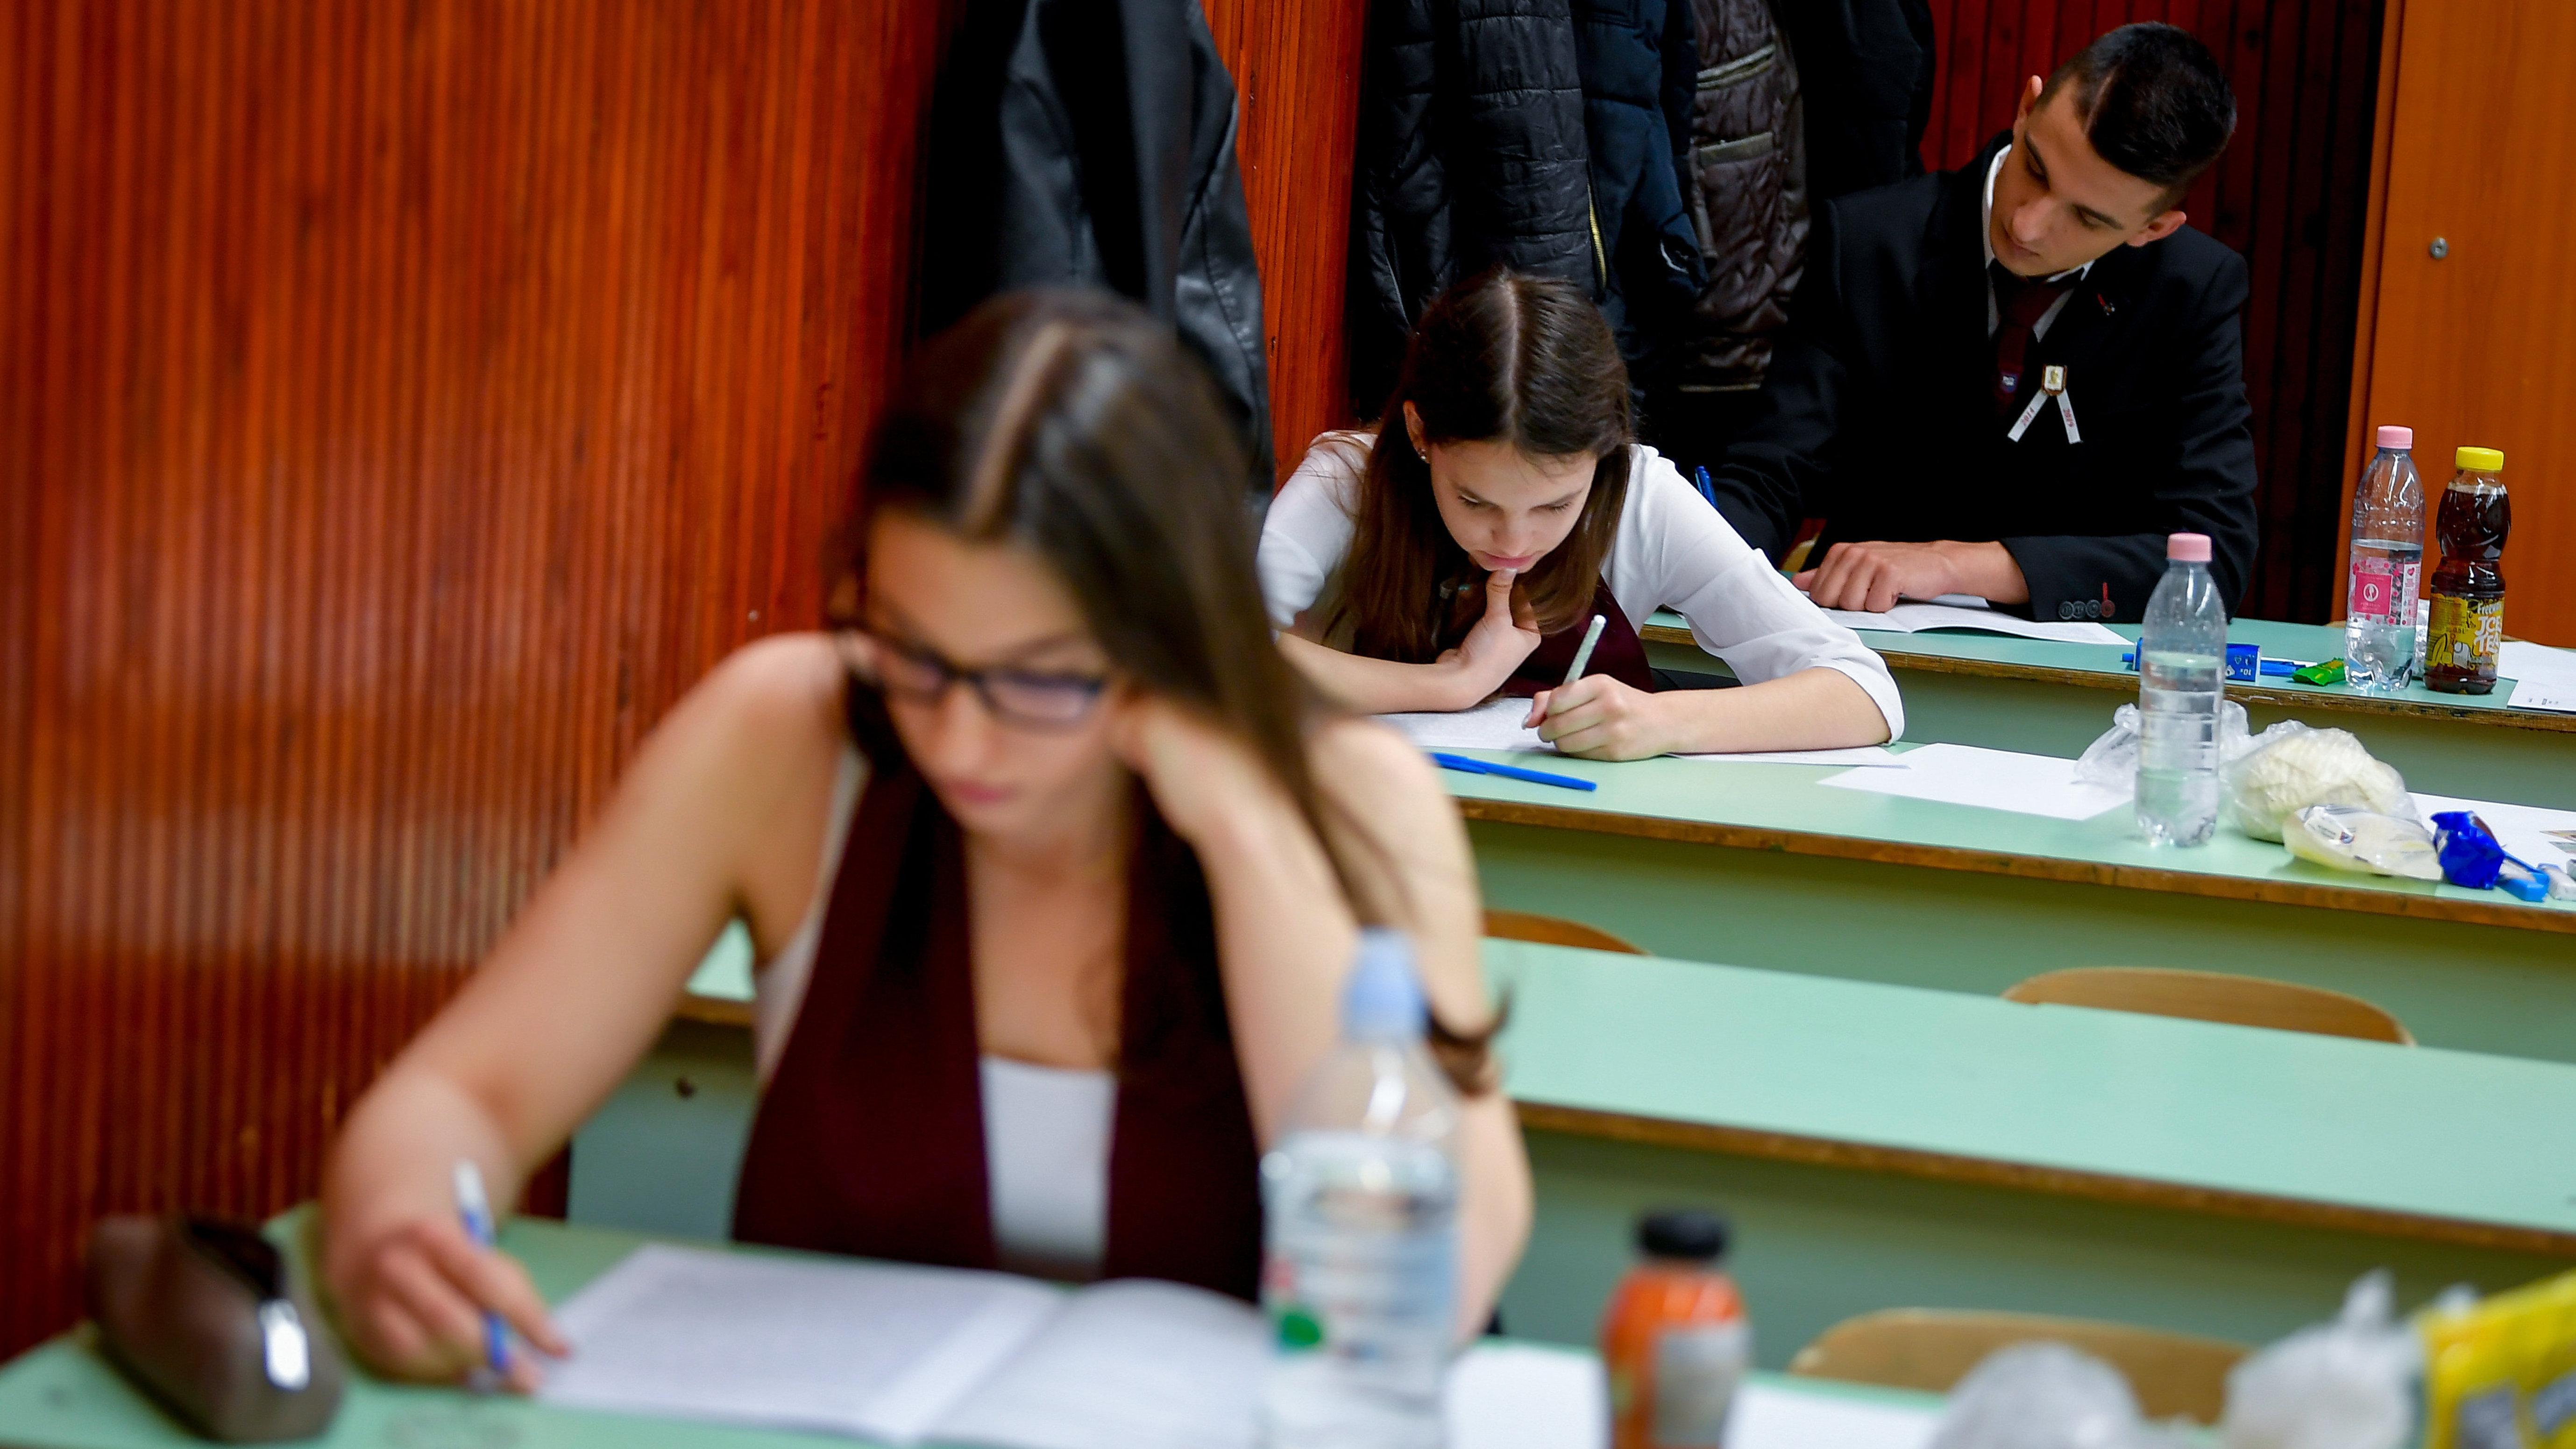 Ma angolból vizsgáznak az érettségizők